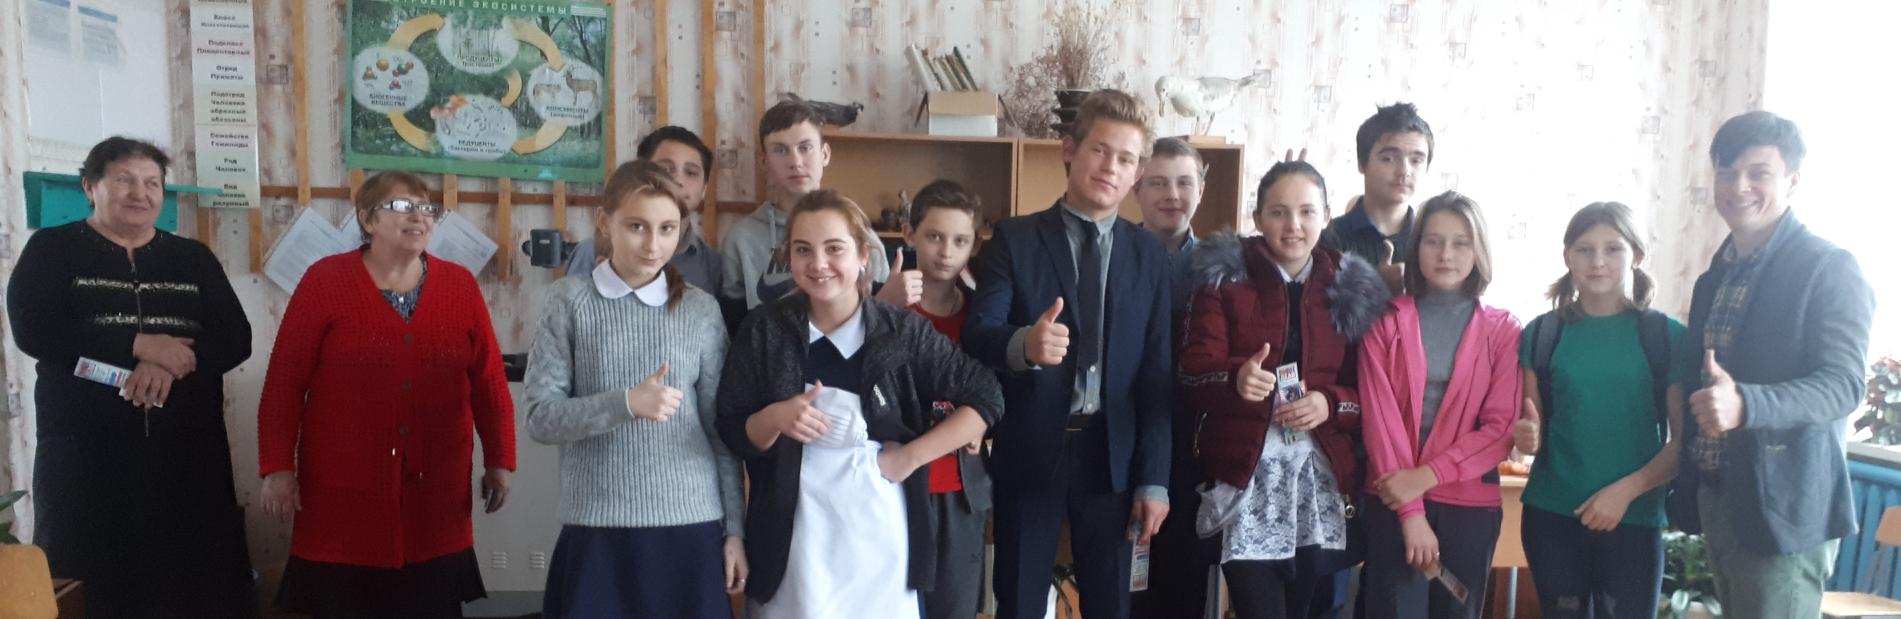 Общее дело в школе посёлка Доброполье Ростовской области